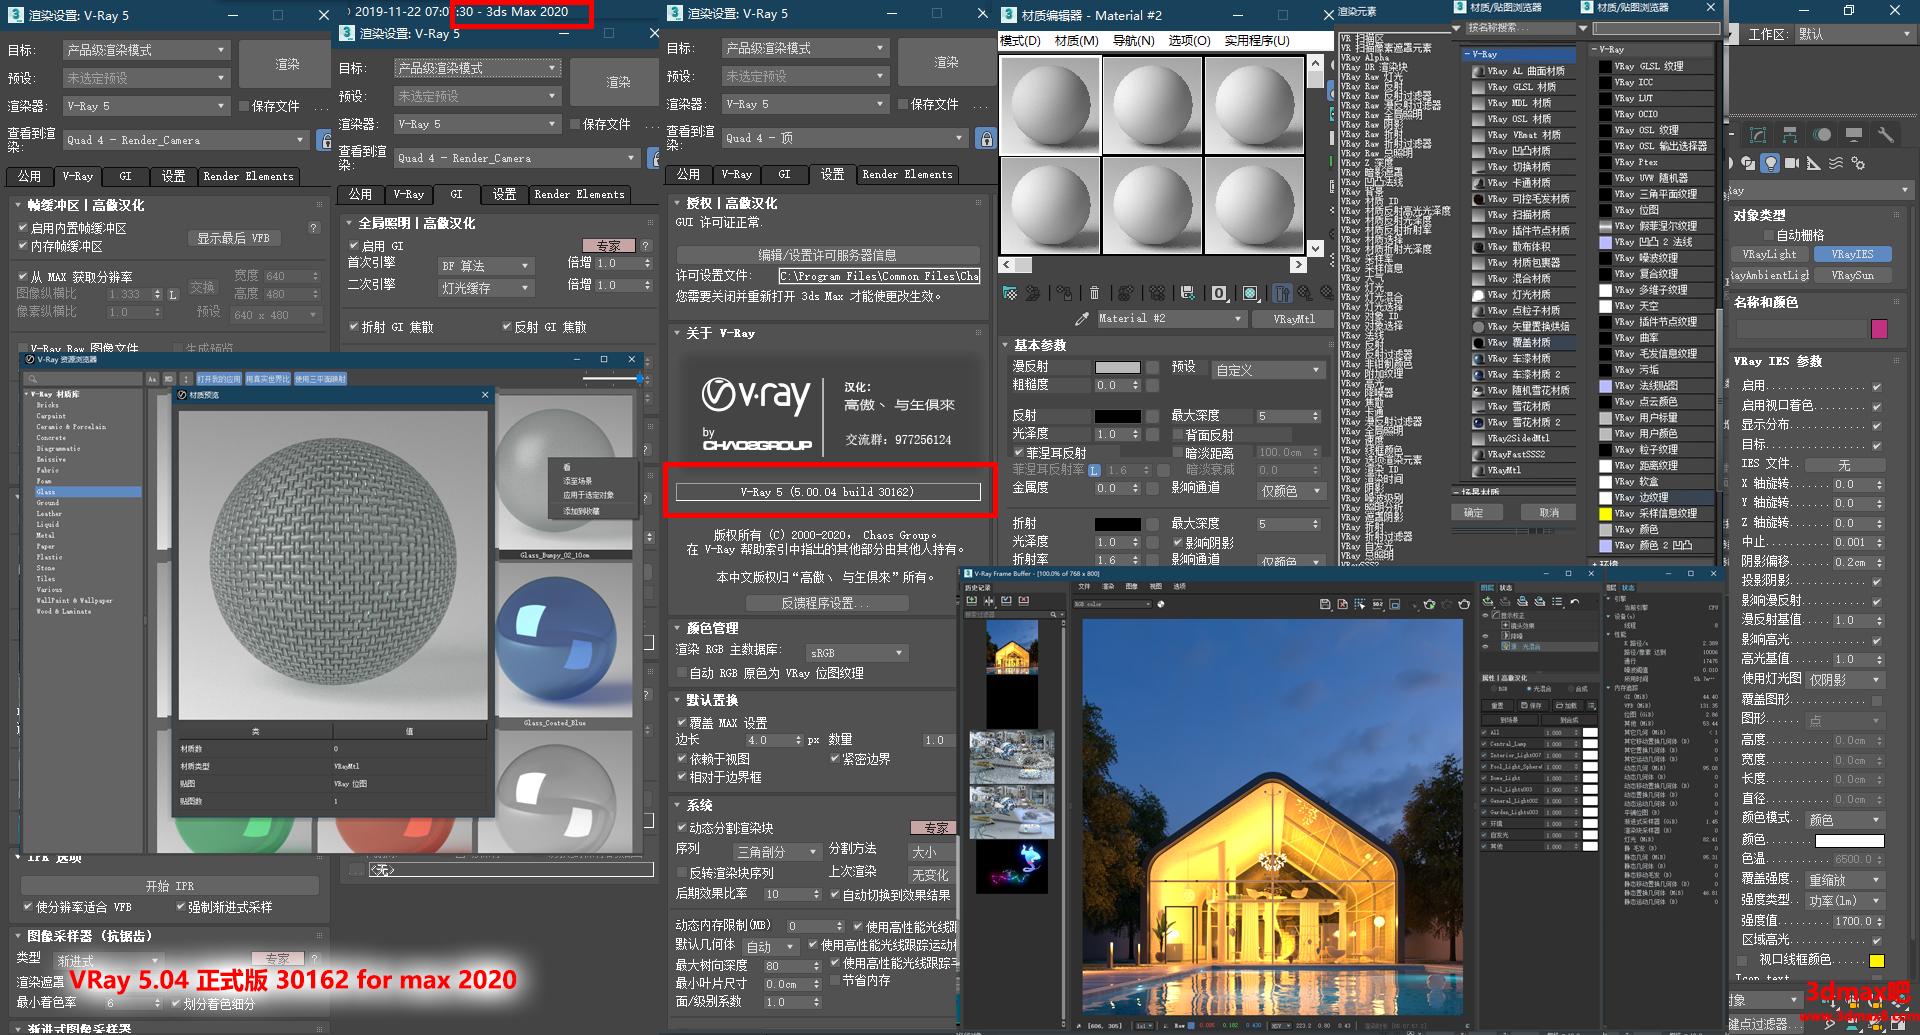 VRay5.04 æ-£式版 30162 for max 2020 [高å'2汉化] 完全免è′1界面.png